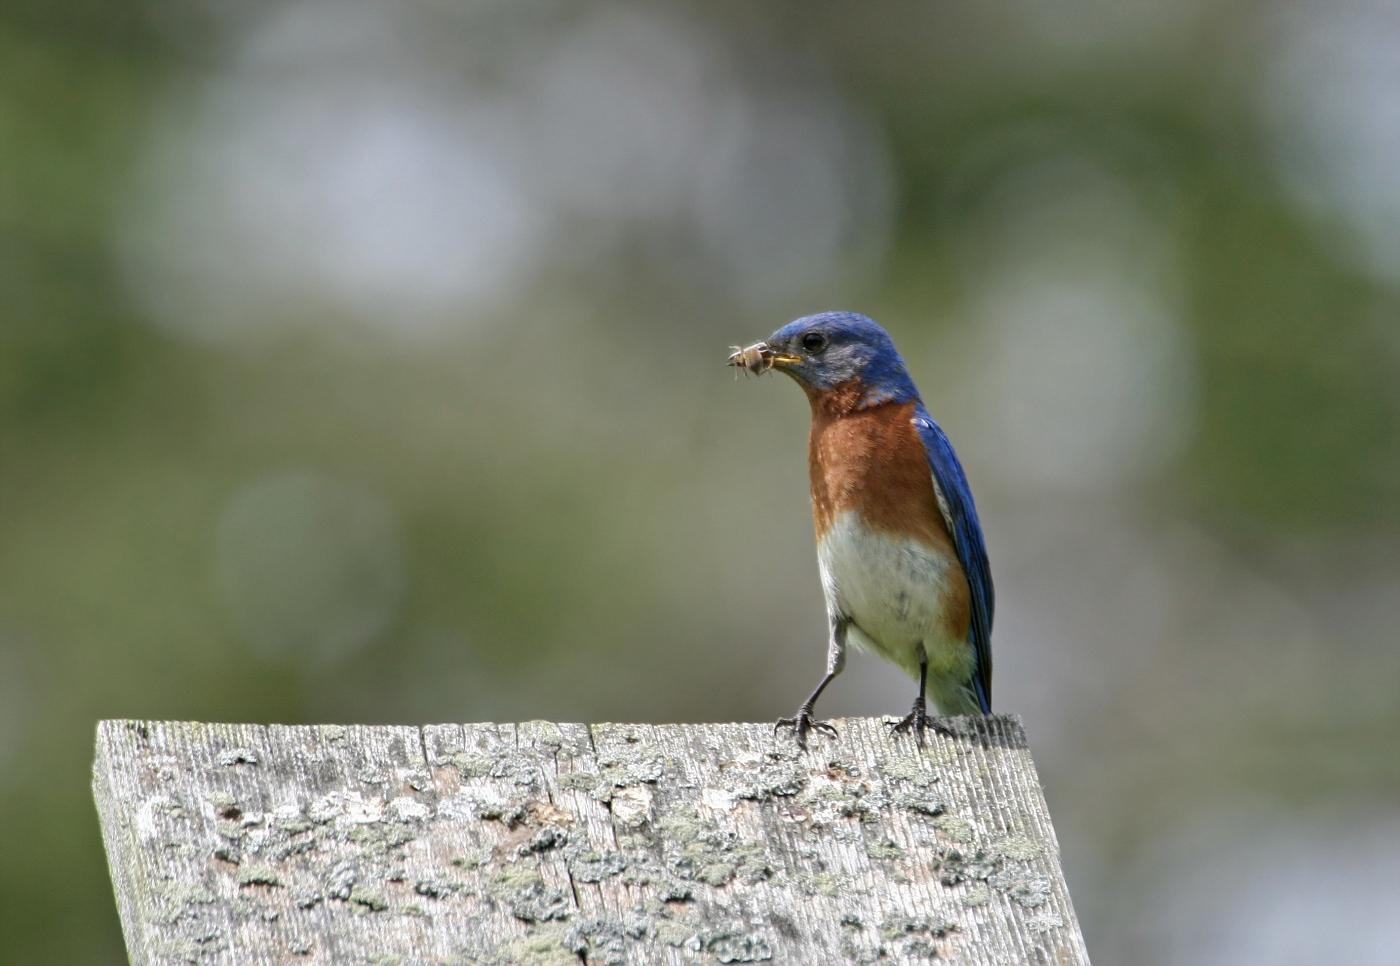 Male Bluebird #25